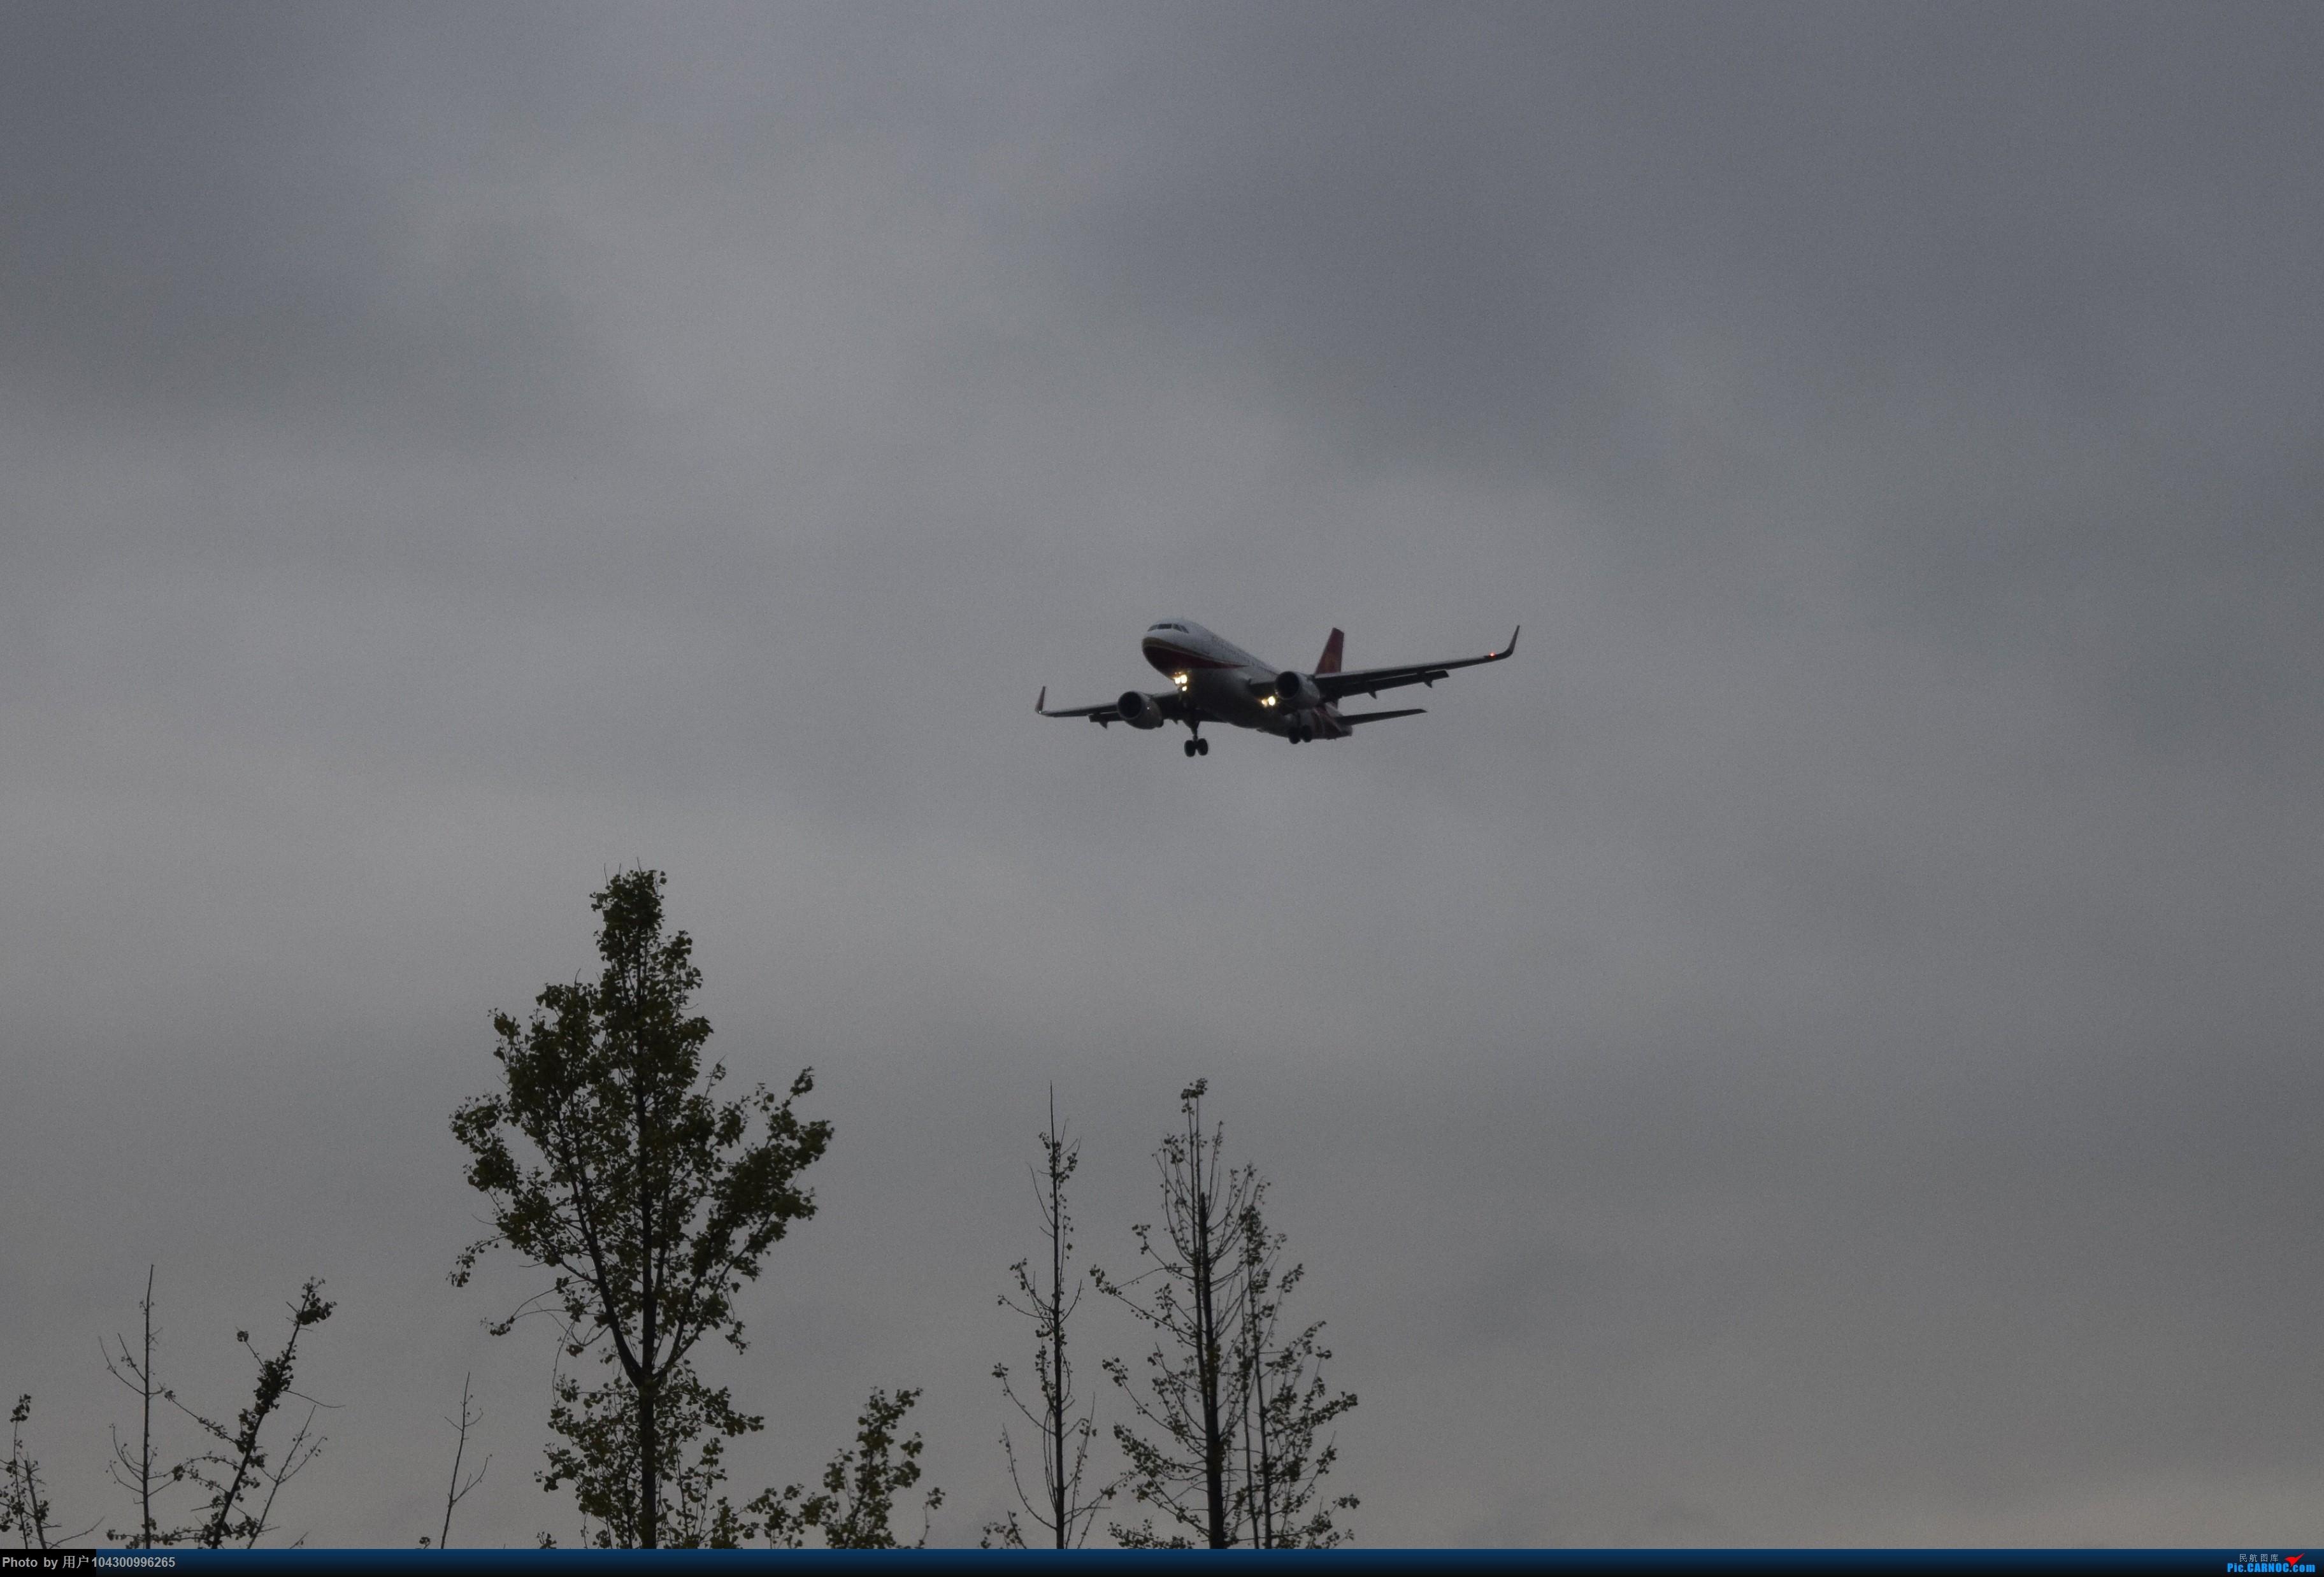 Re:[原创]乌云、雨雾之中的贵阳龙洞堡 AIRBUS A319-100 B-8853 中国贵阳龙洞堡国际机场